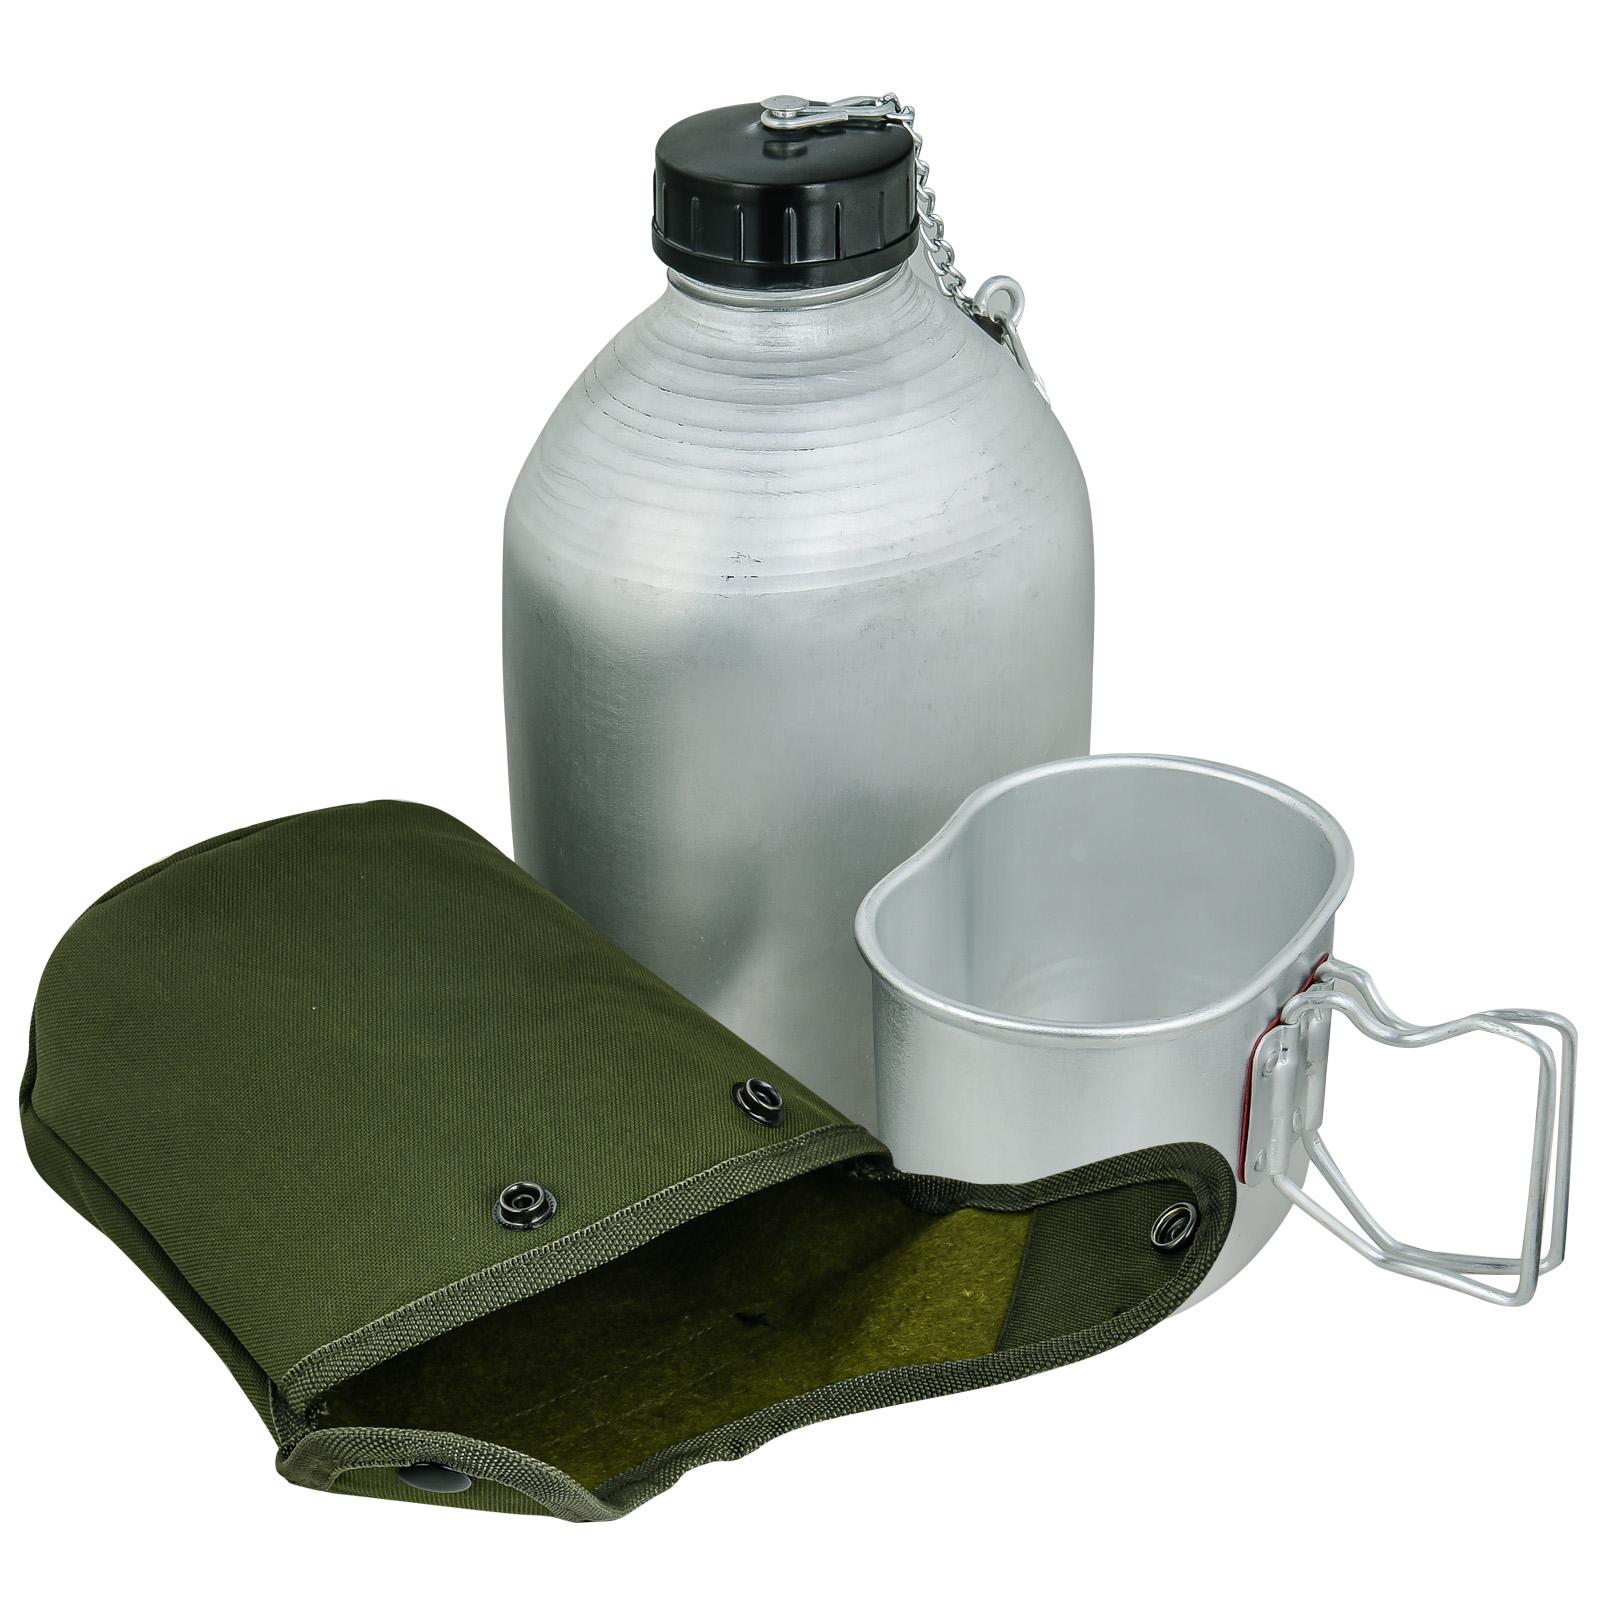 Армейская алюминиевая фляга 1.3 л. с кружкой-котелком в чехле